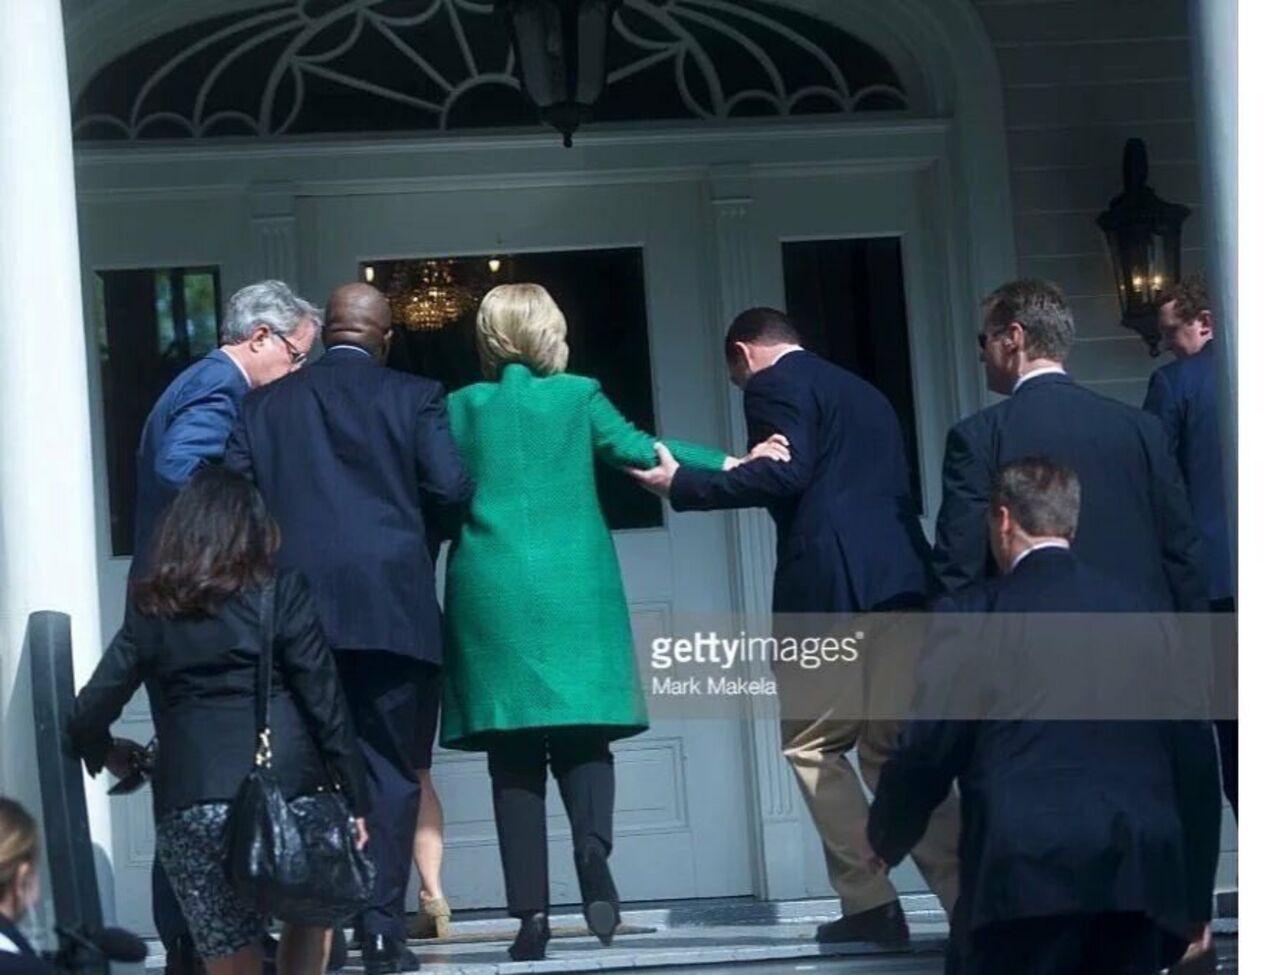 Здоровье Клинтон вопасности: дочего довела Хиллари президентская гонка